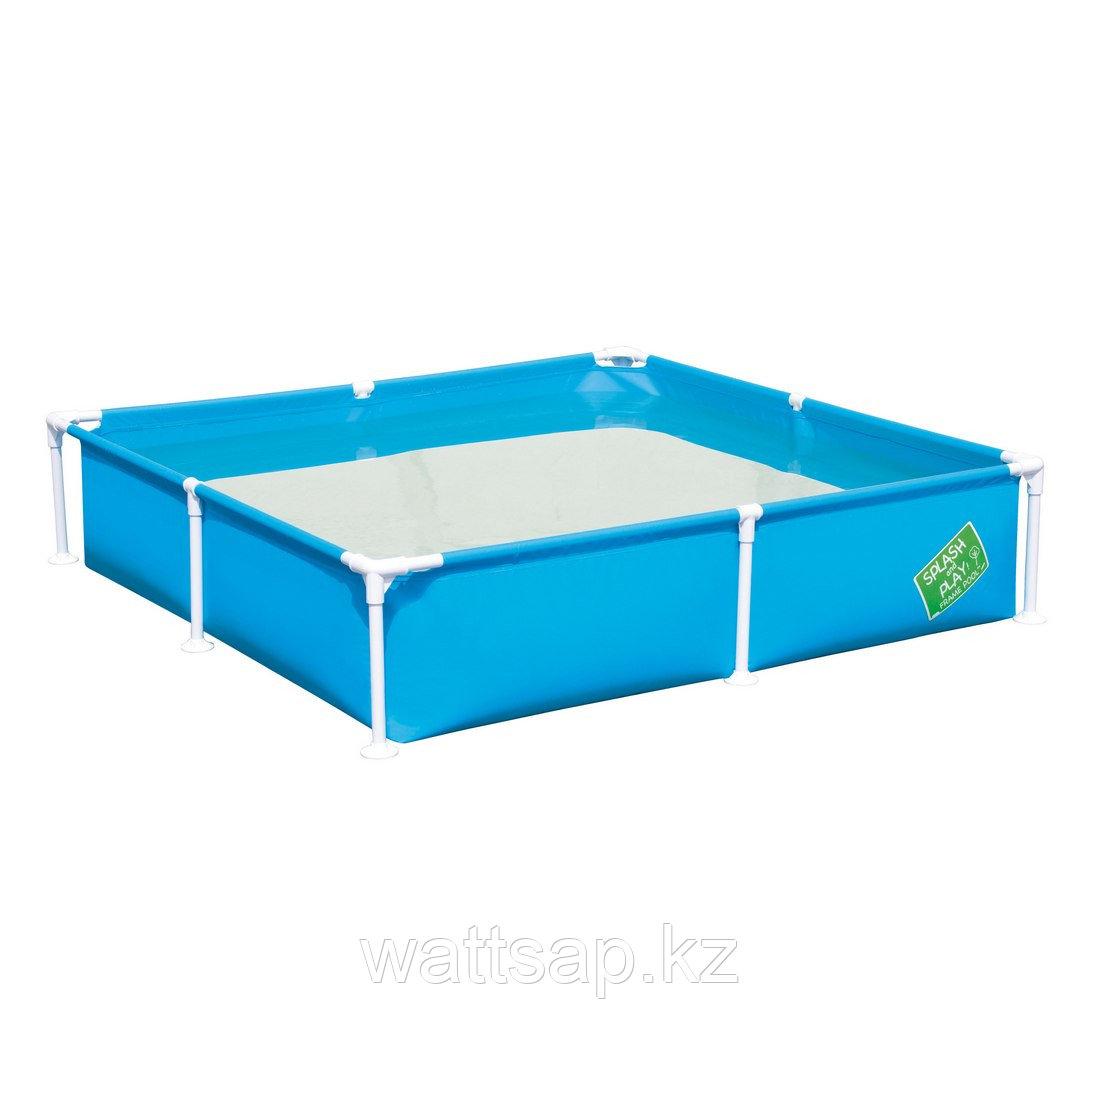 Каркасный бассейн, BESTWAY, 56218, 162х162х35.5 см, 771 литр, Винил, Цвет в ассортименте, Цветная коробка